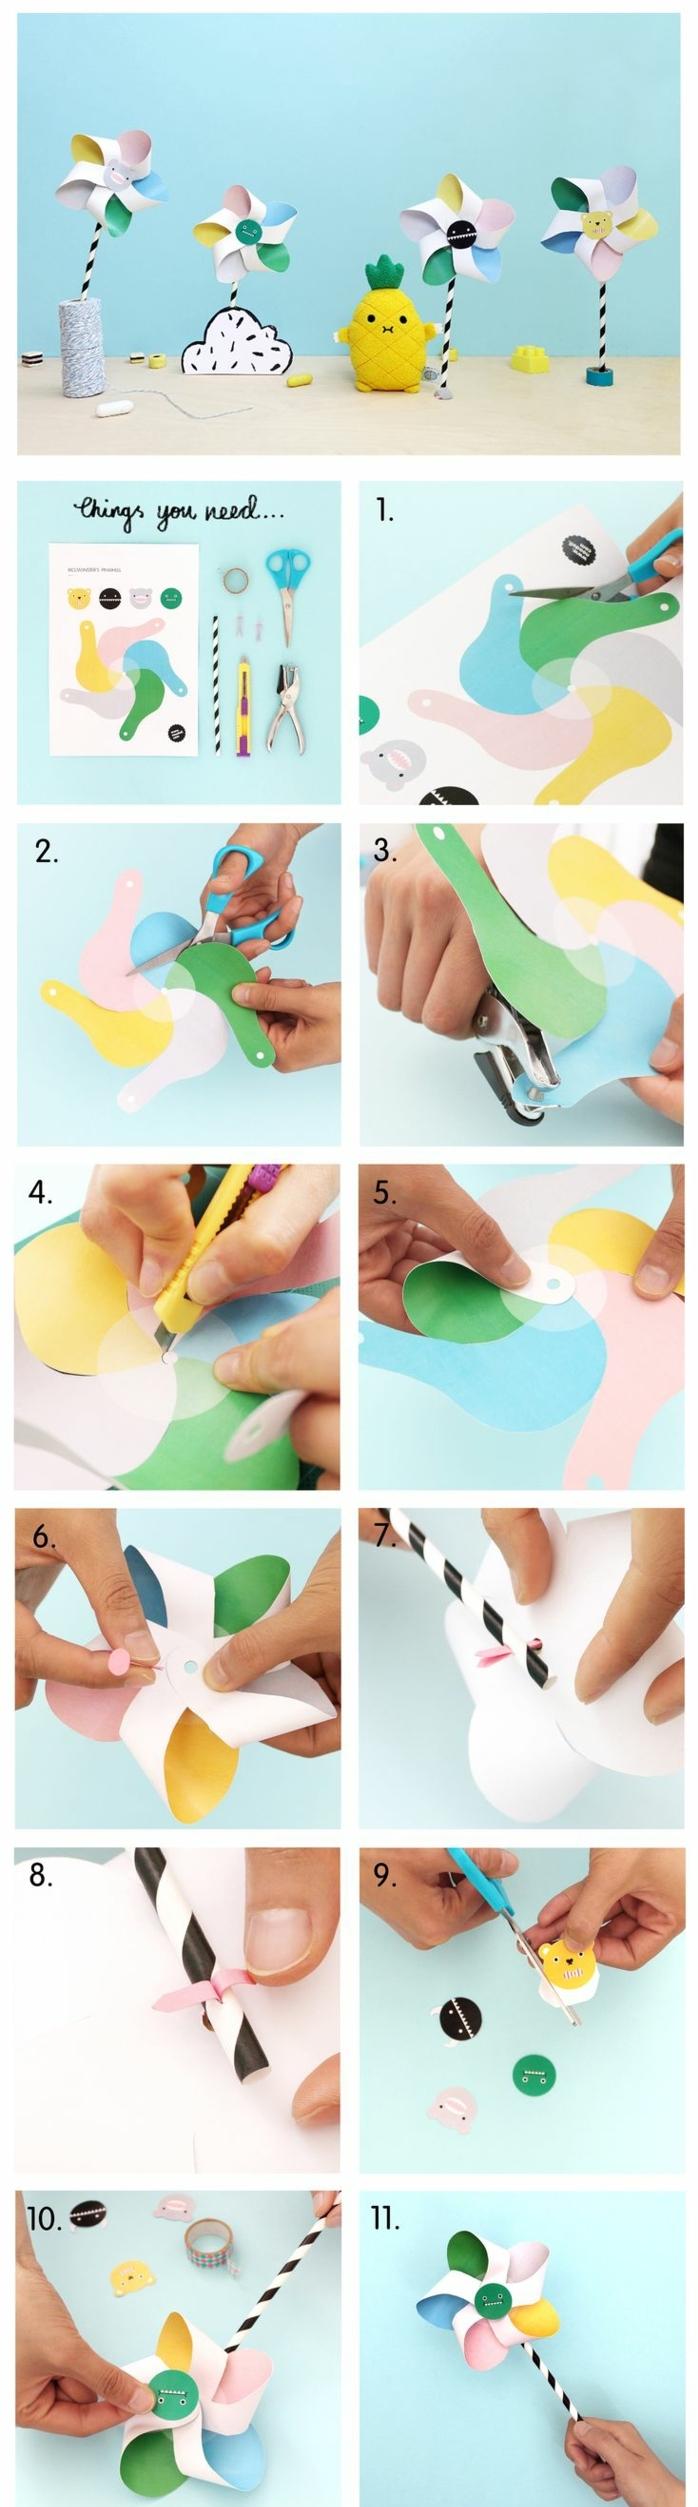 une activité manuelle amusante pour les enfants, un tuto moulin à vent monstre aux couleurs pastel